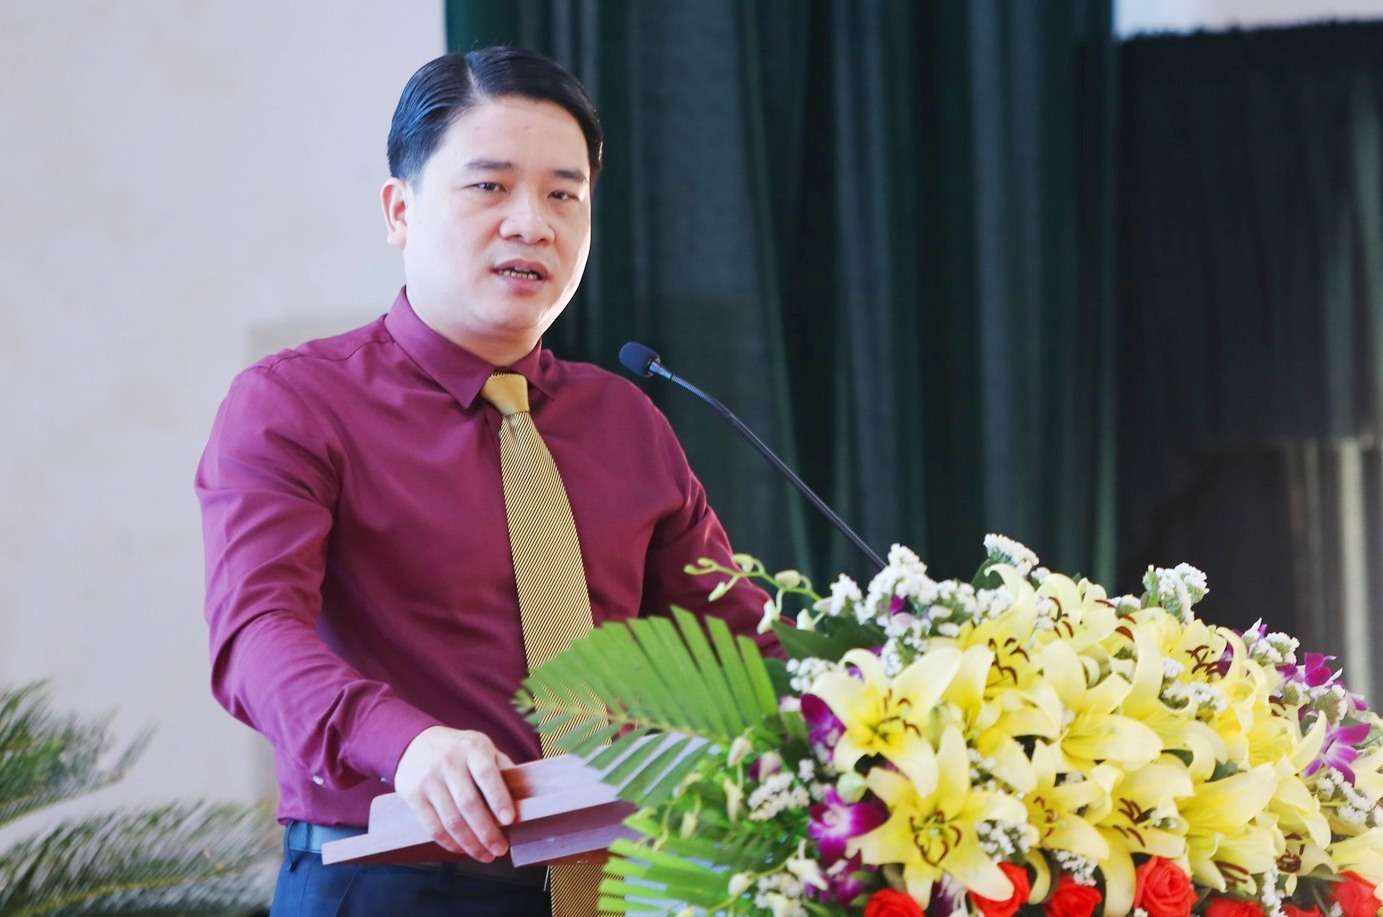 Phó Chủ tịch UBND tỉnh Trần Văn Tân phát biểu bế mạc ngày hội khởi nghiệp sáng tạo Quảng Nam lần thứ II